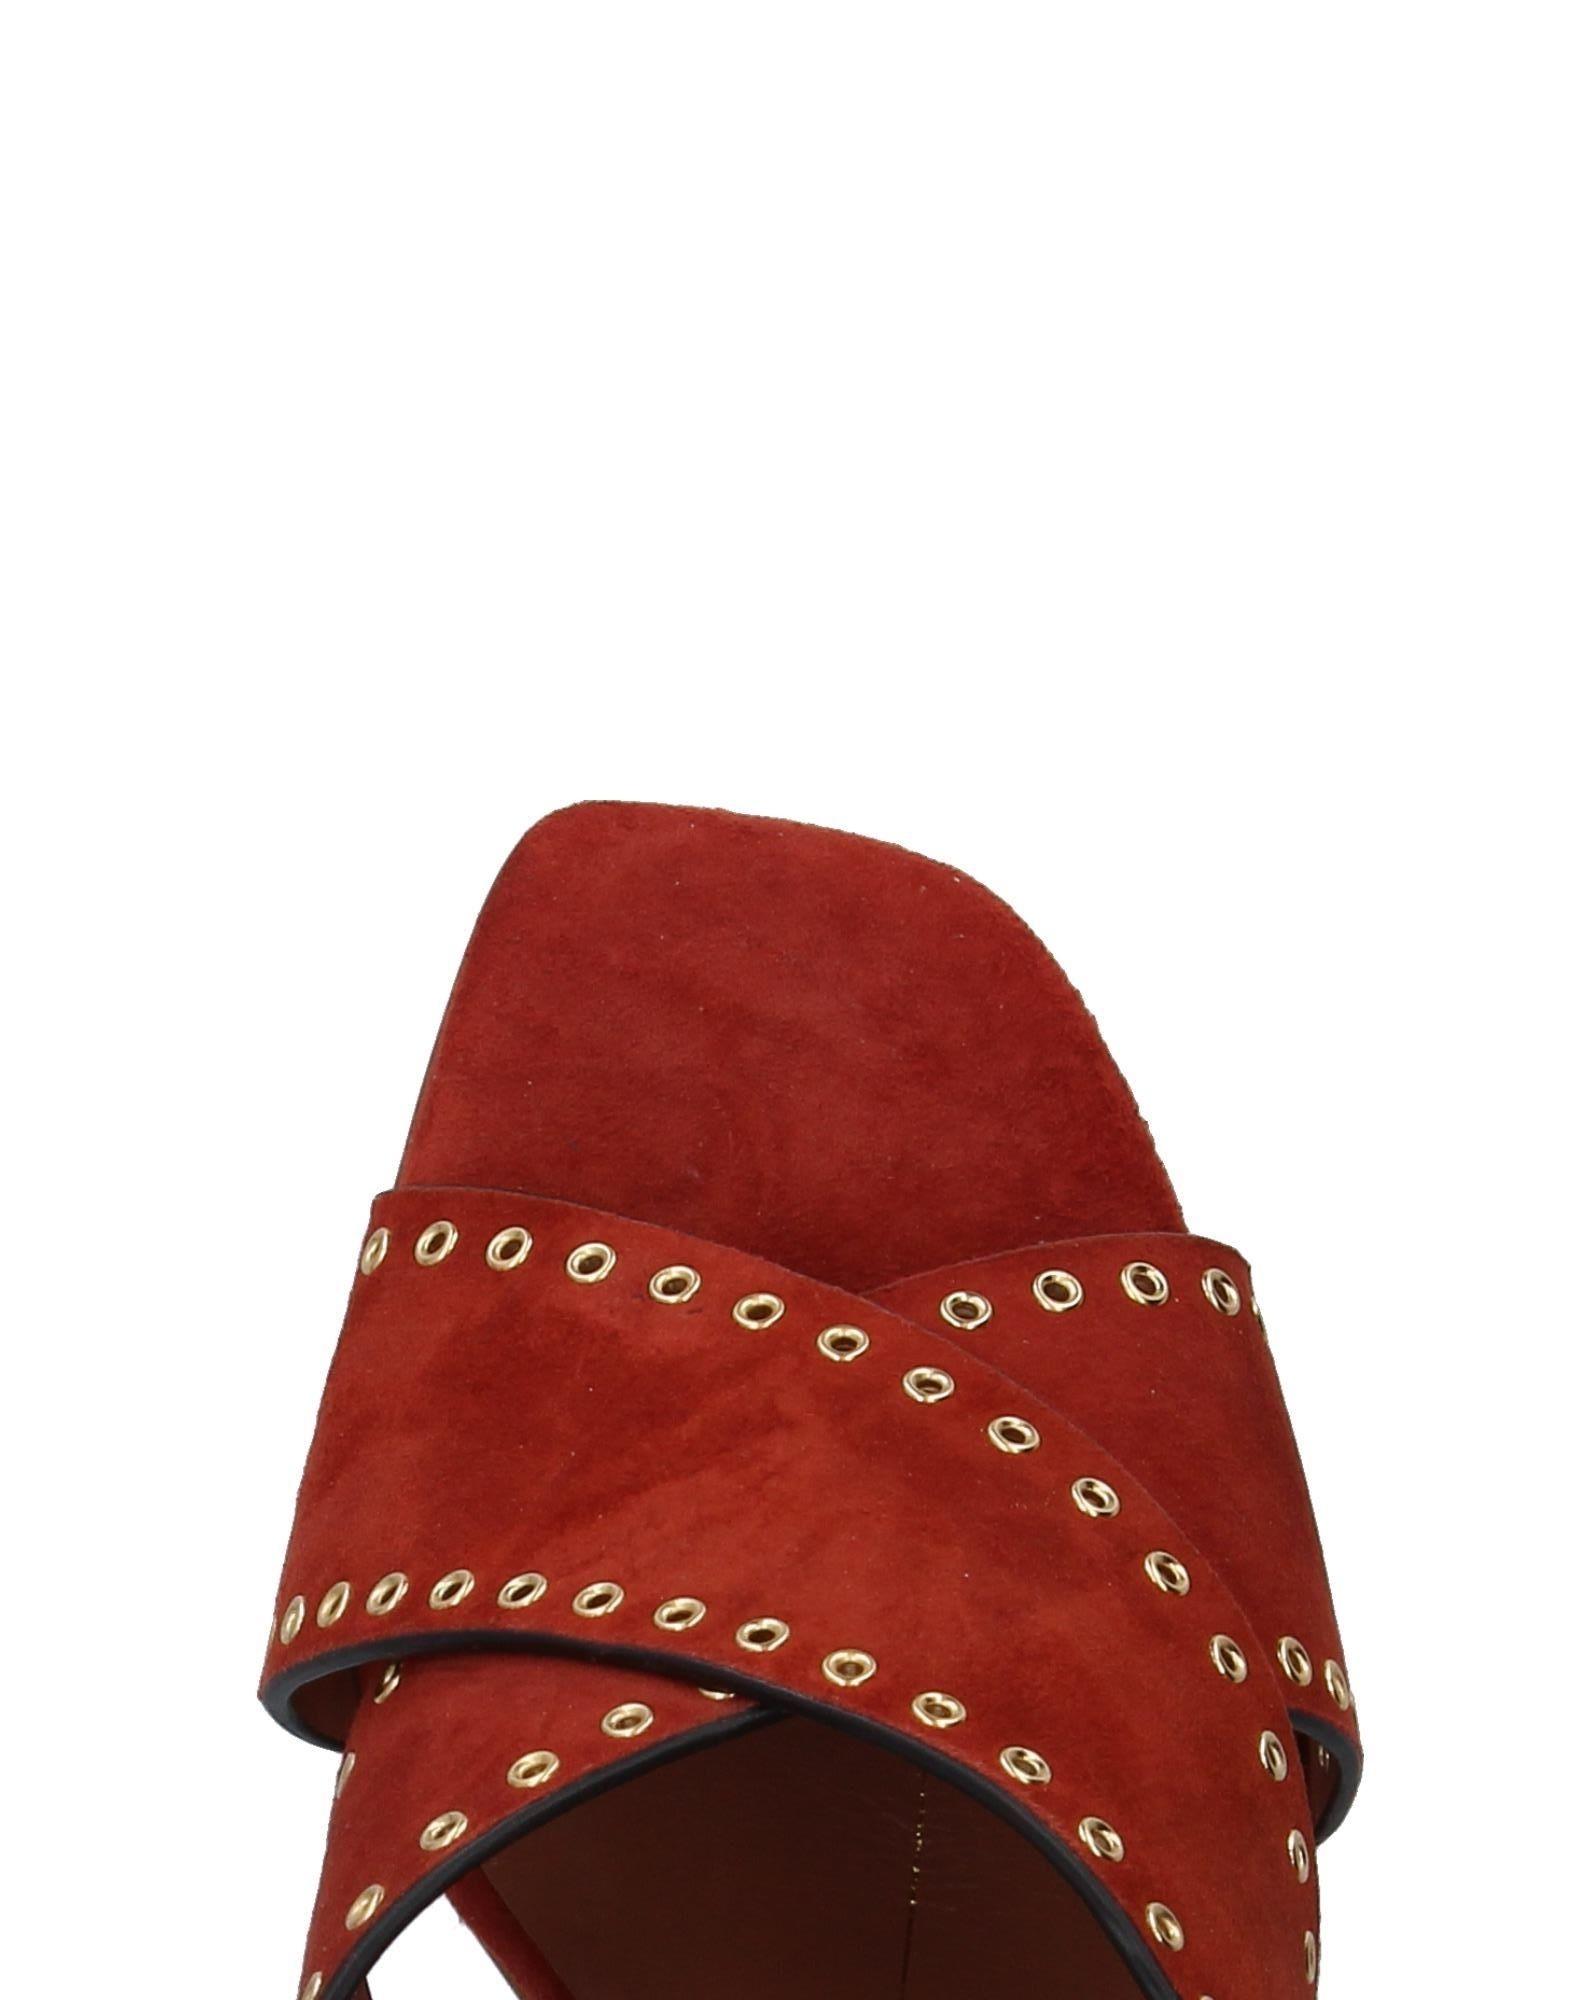 Lola Cruz Sandalen 11345623ET Damen  11345623ET Sandalen Gute Qualität beliebte Schuhe 7584d2